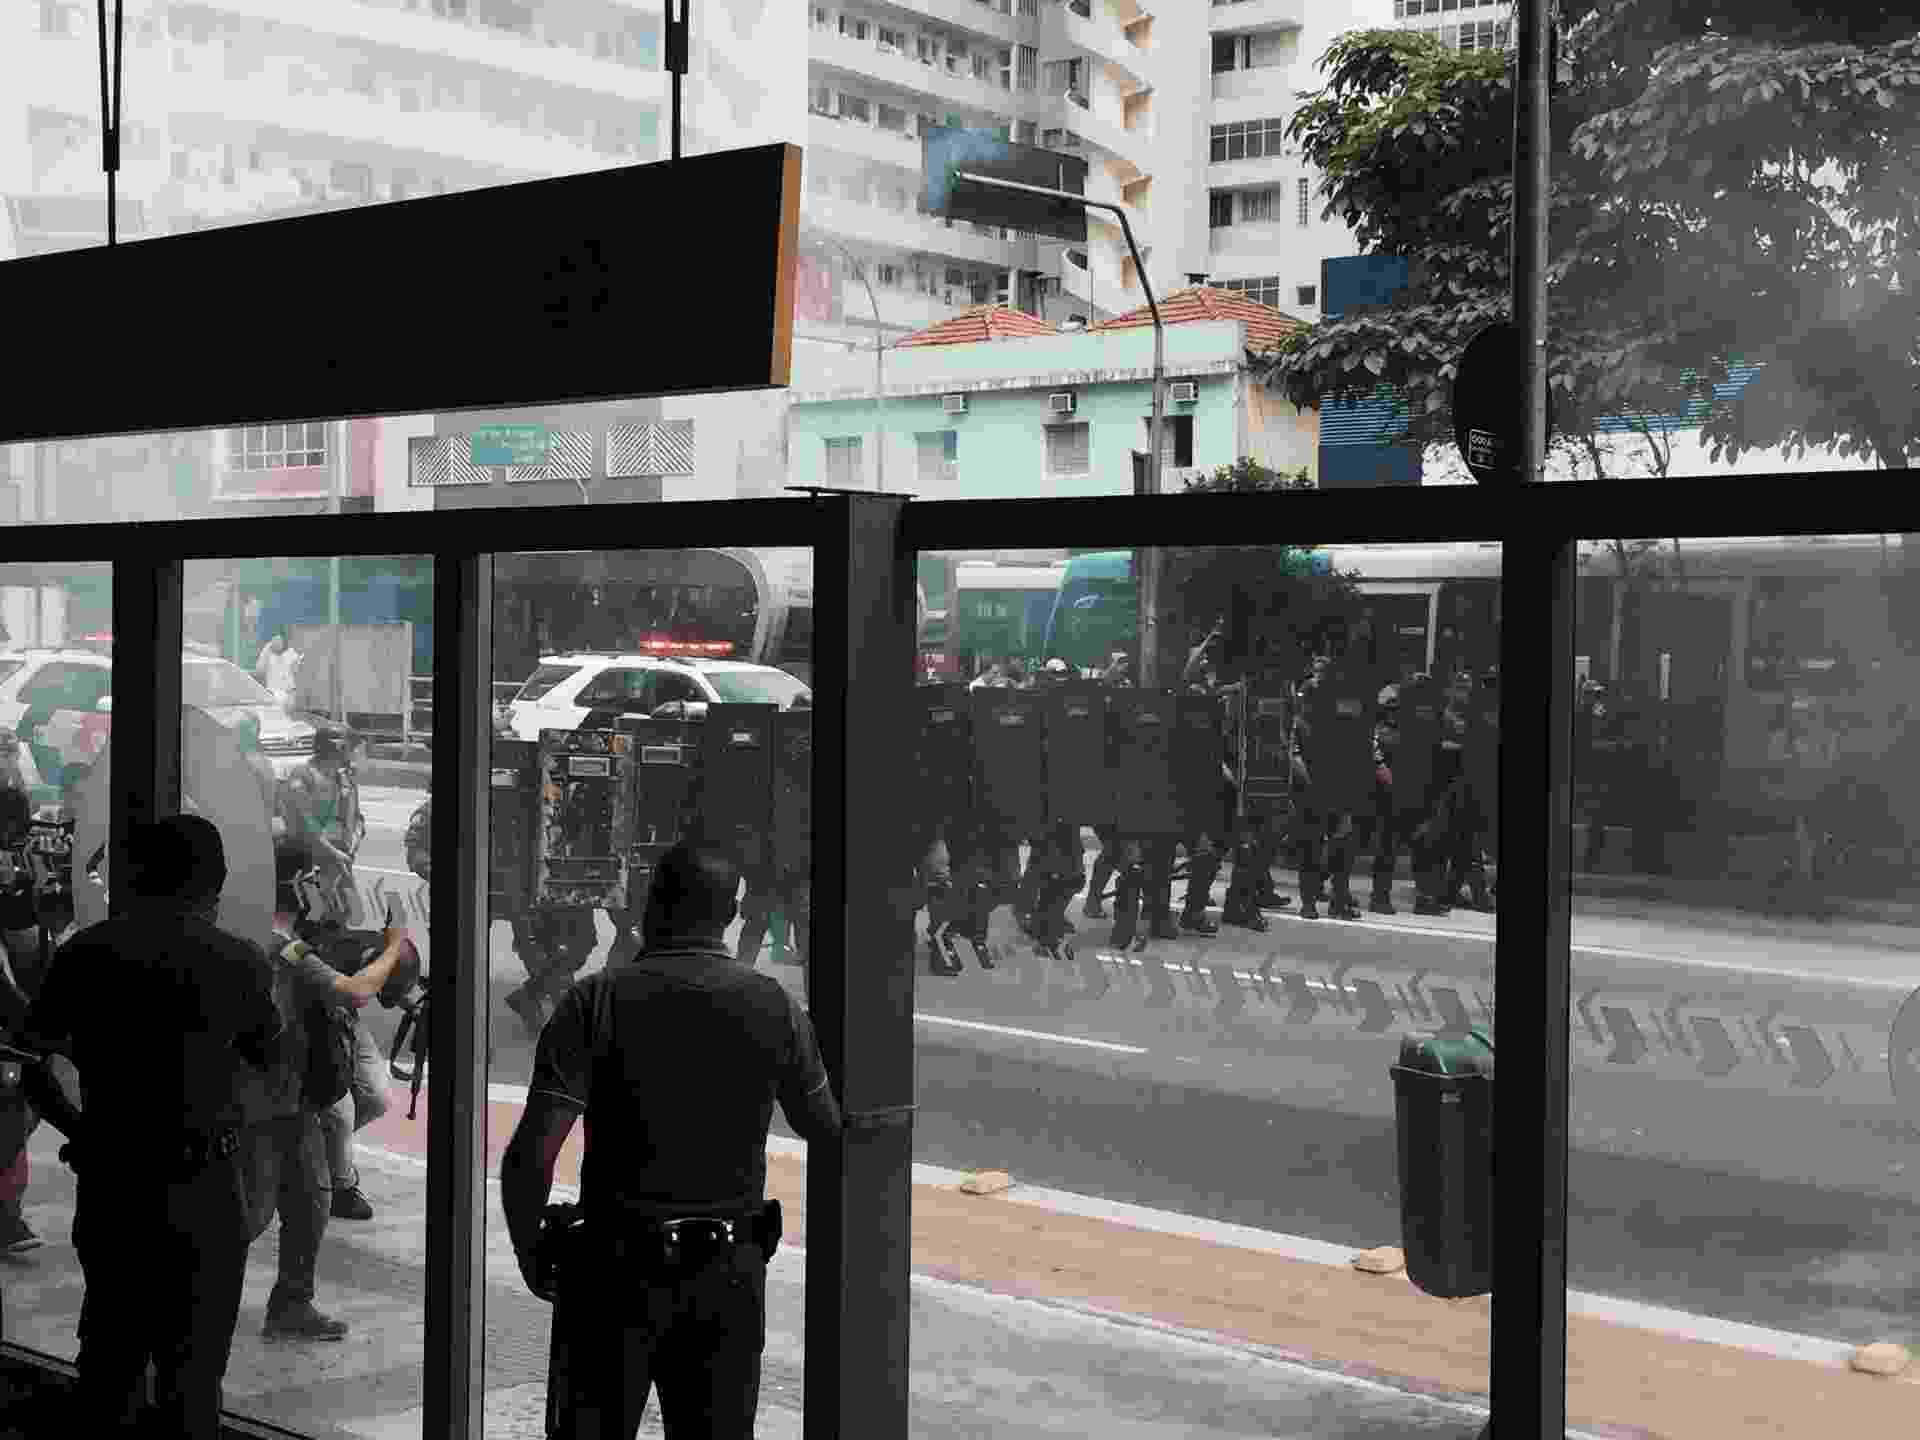 4.dez.2015 - Estudantes fazem protesto no cruzamento da avenida Paulista com a rua da Consolação, região central de São Paulo, para protestar contra a reorganização escolar. PM usou bombas de gás para dispersar os manifestantes - Alexandre Gimenez/UOL